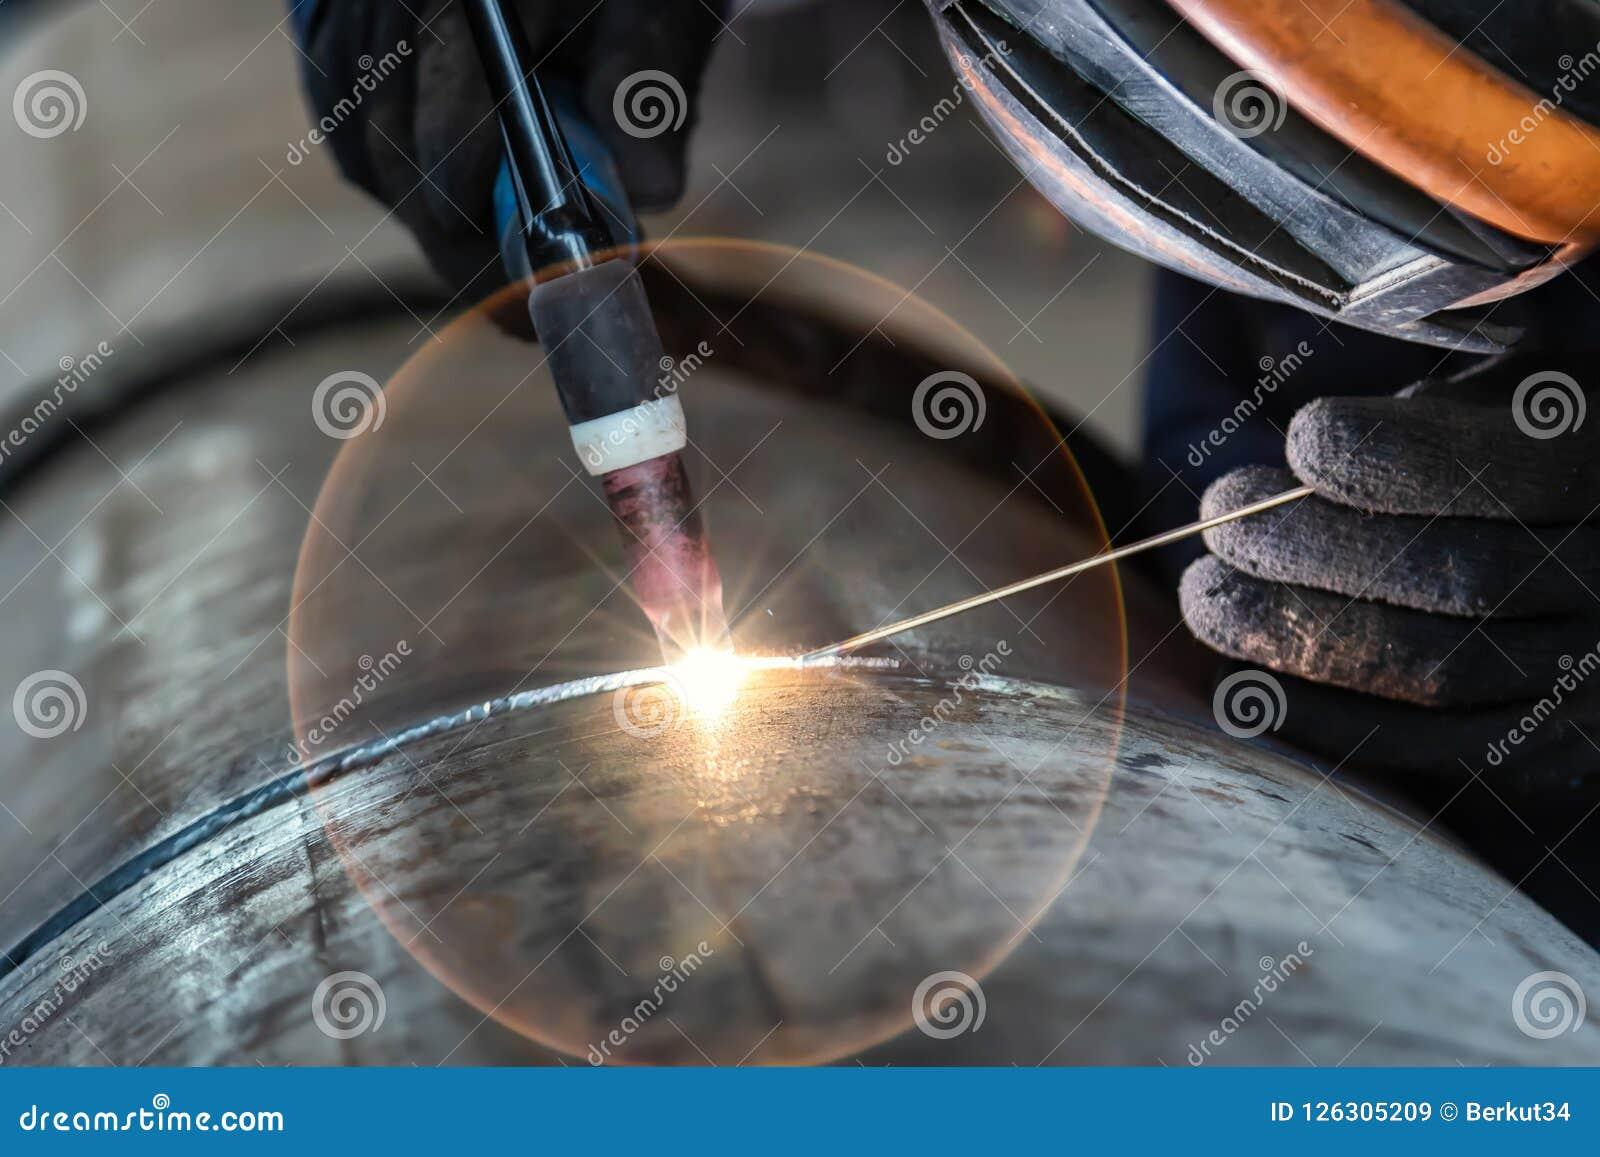 焊工、电弧焊接和焊接缝合特写镜头